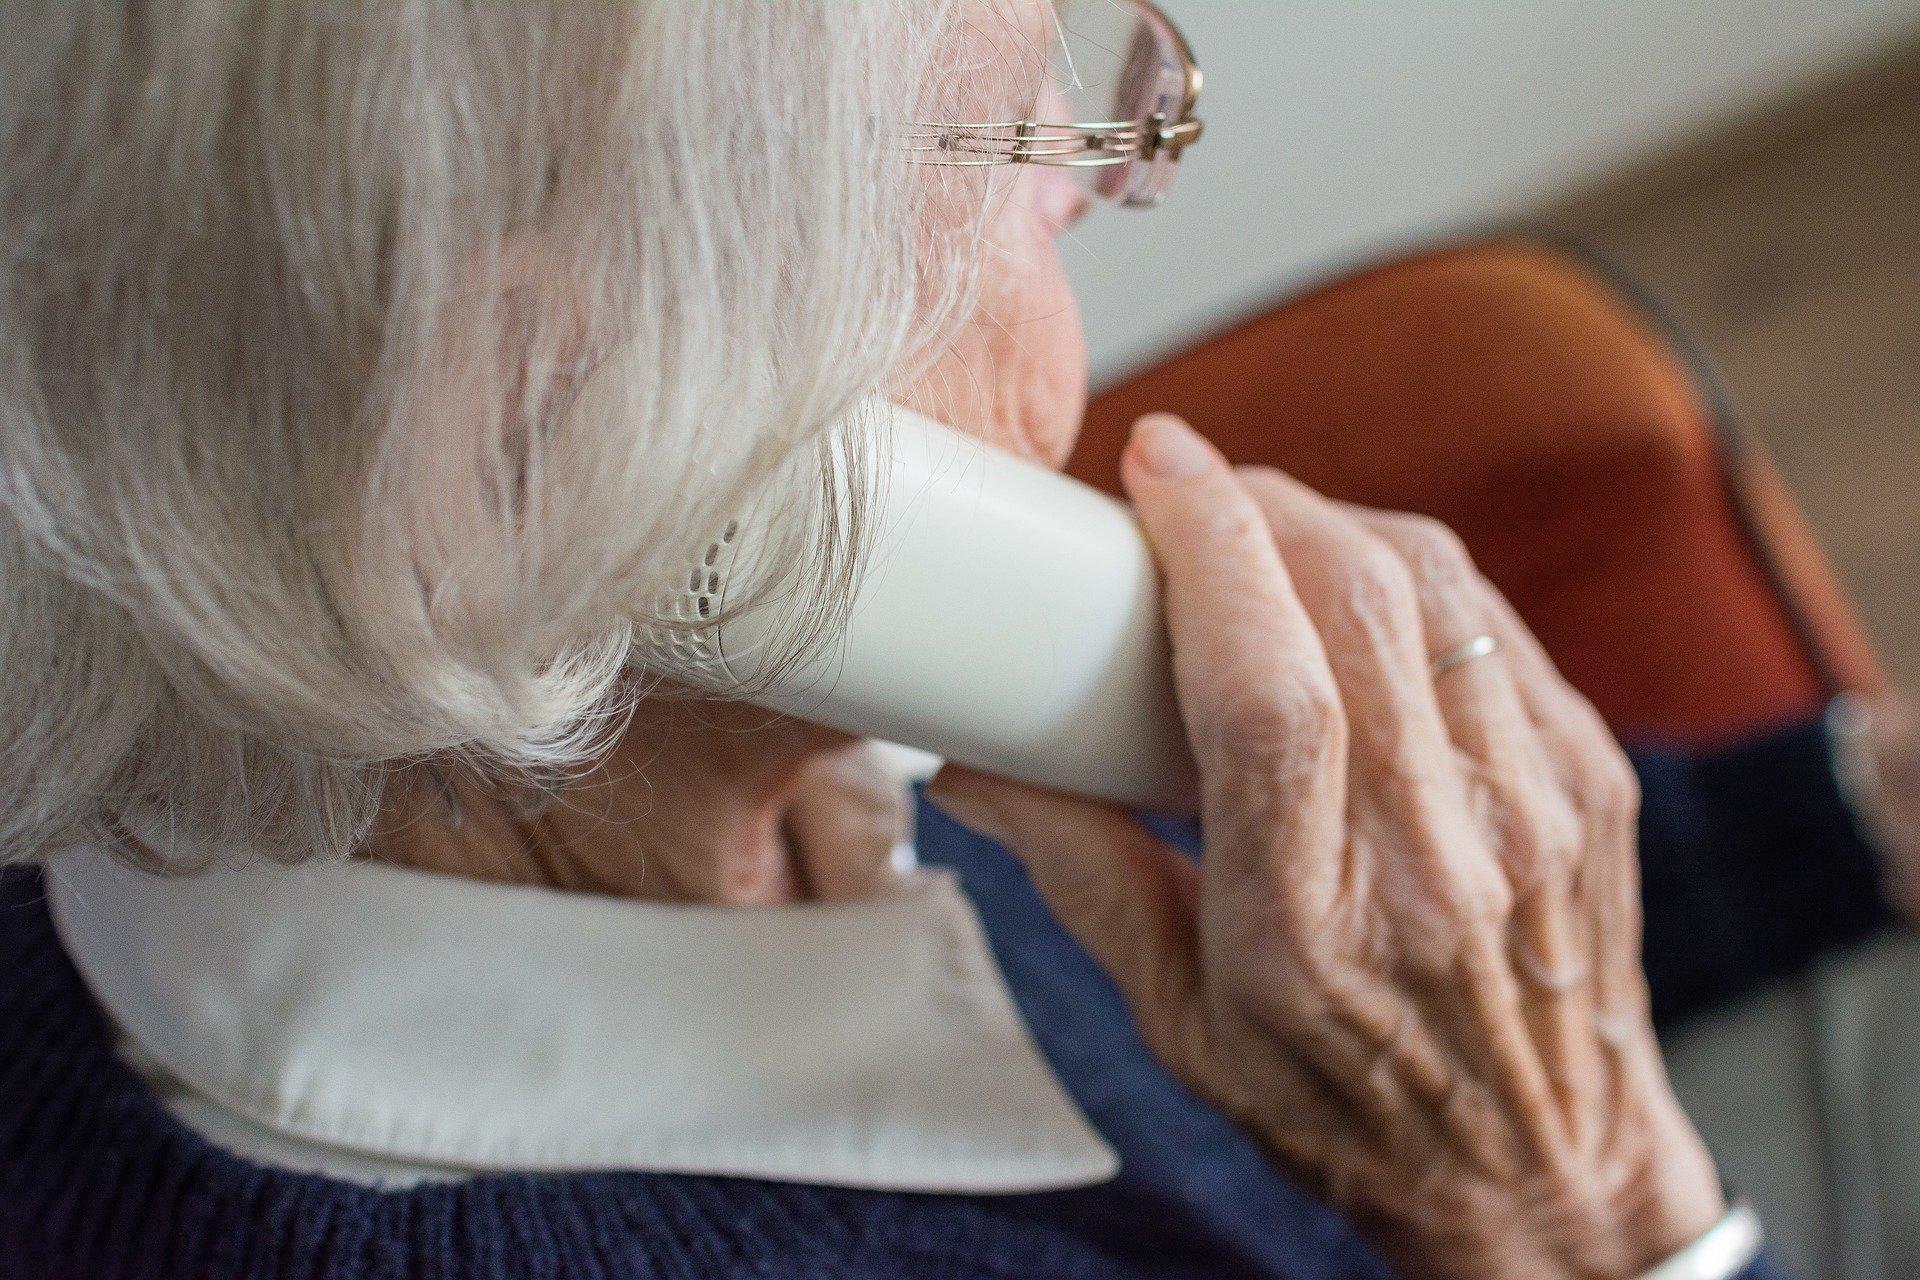 Beč uveo telefonsku liniju za usamljene osobe